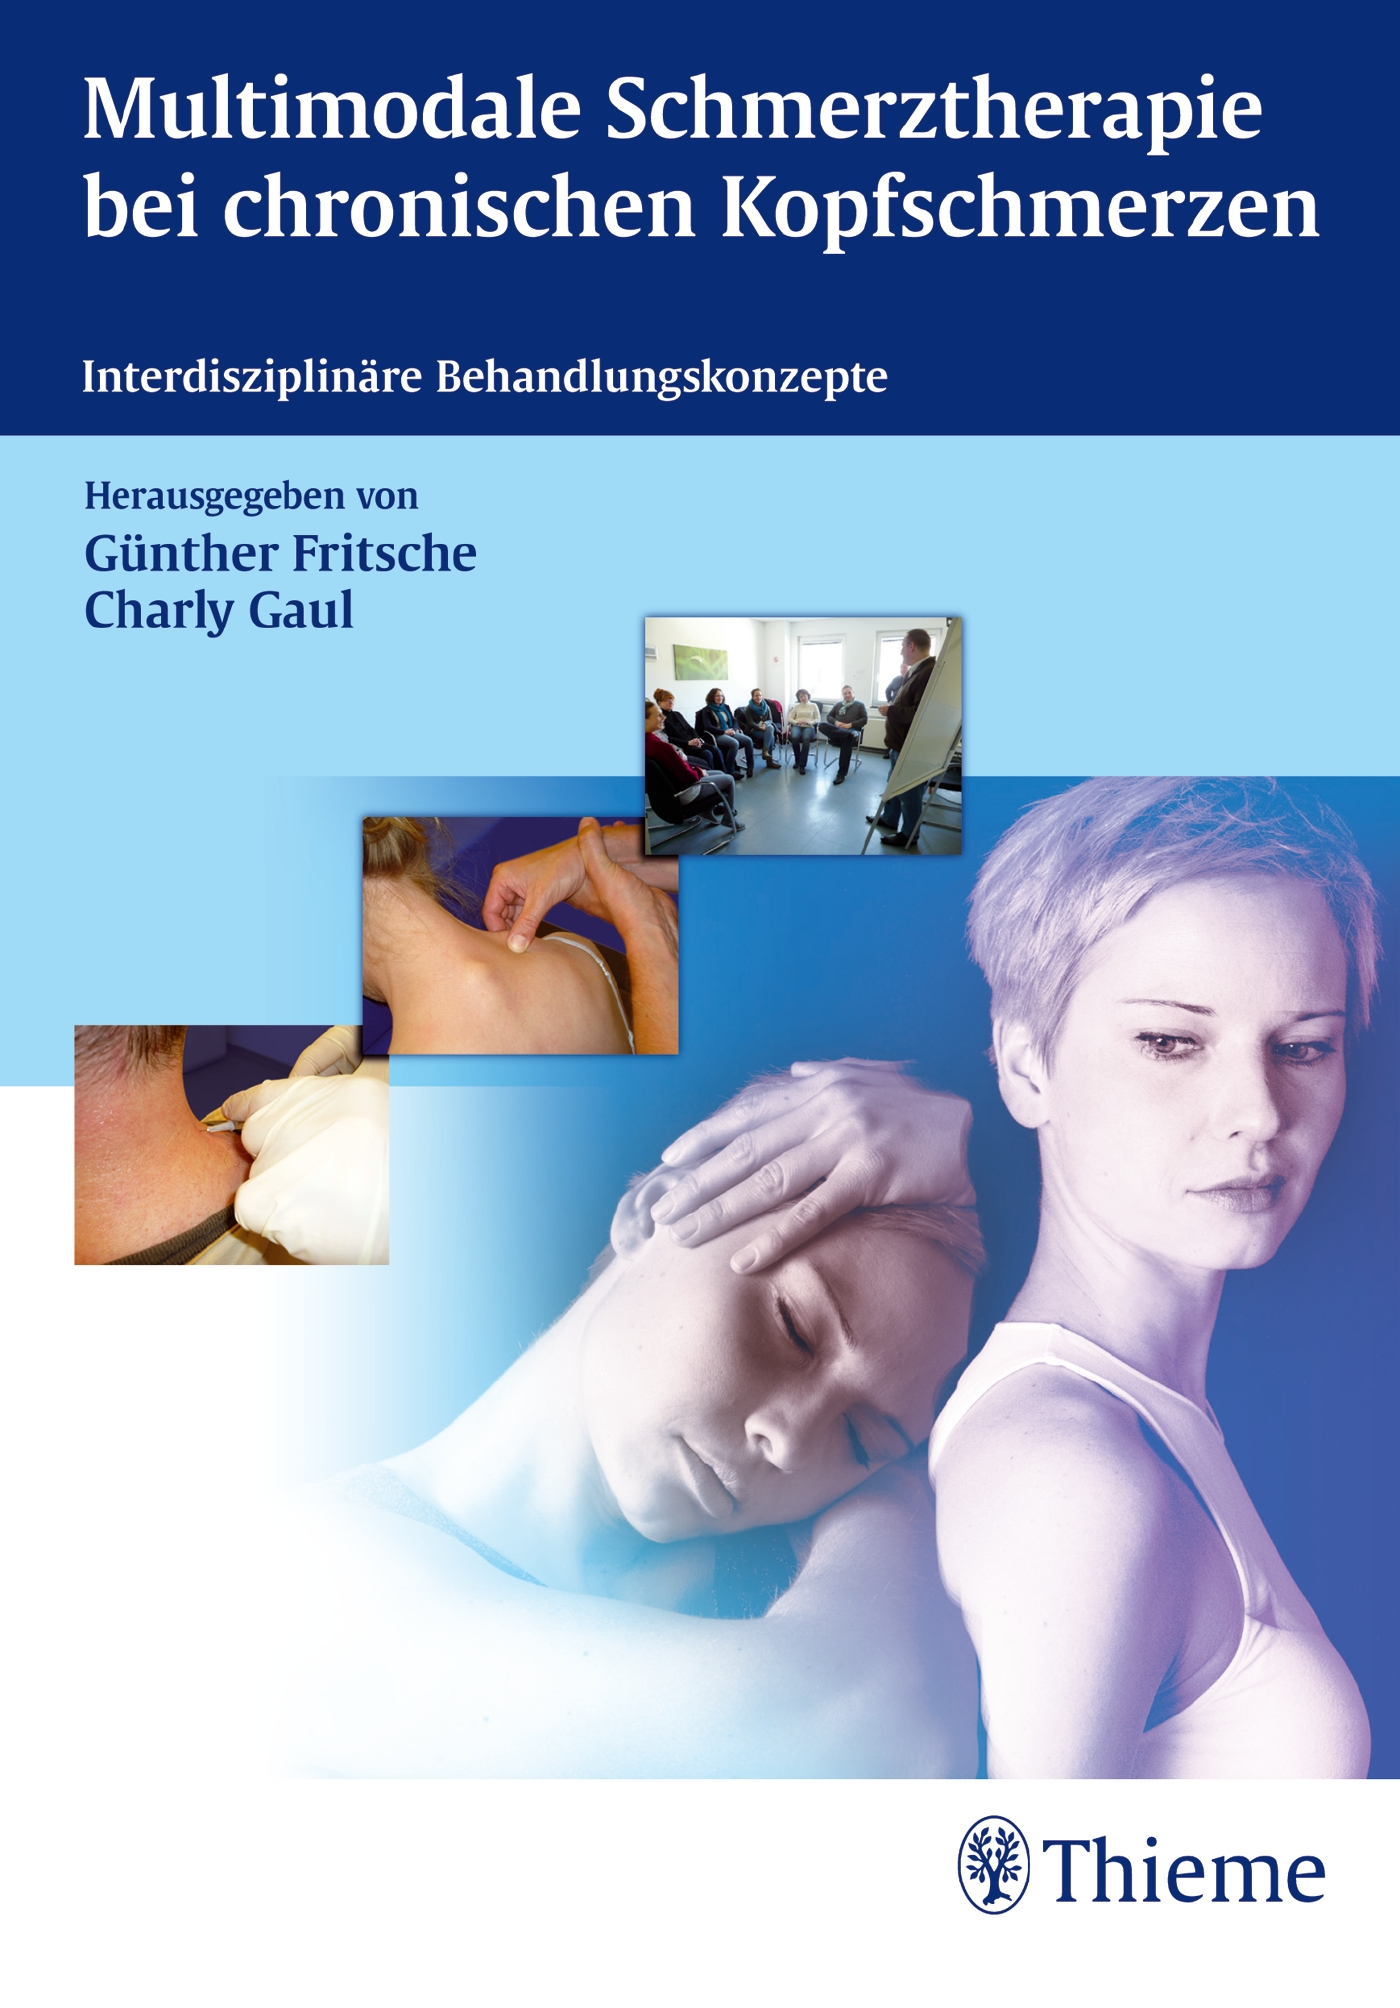 Multimodale Schmerztherapie bei chronischen Kopfschmerzen